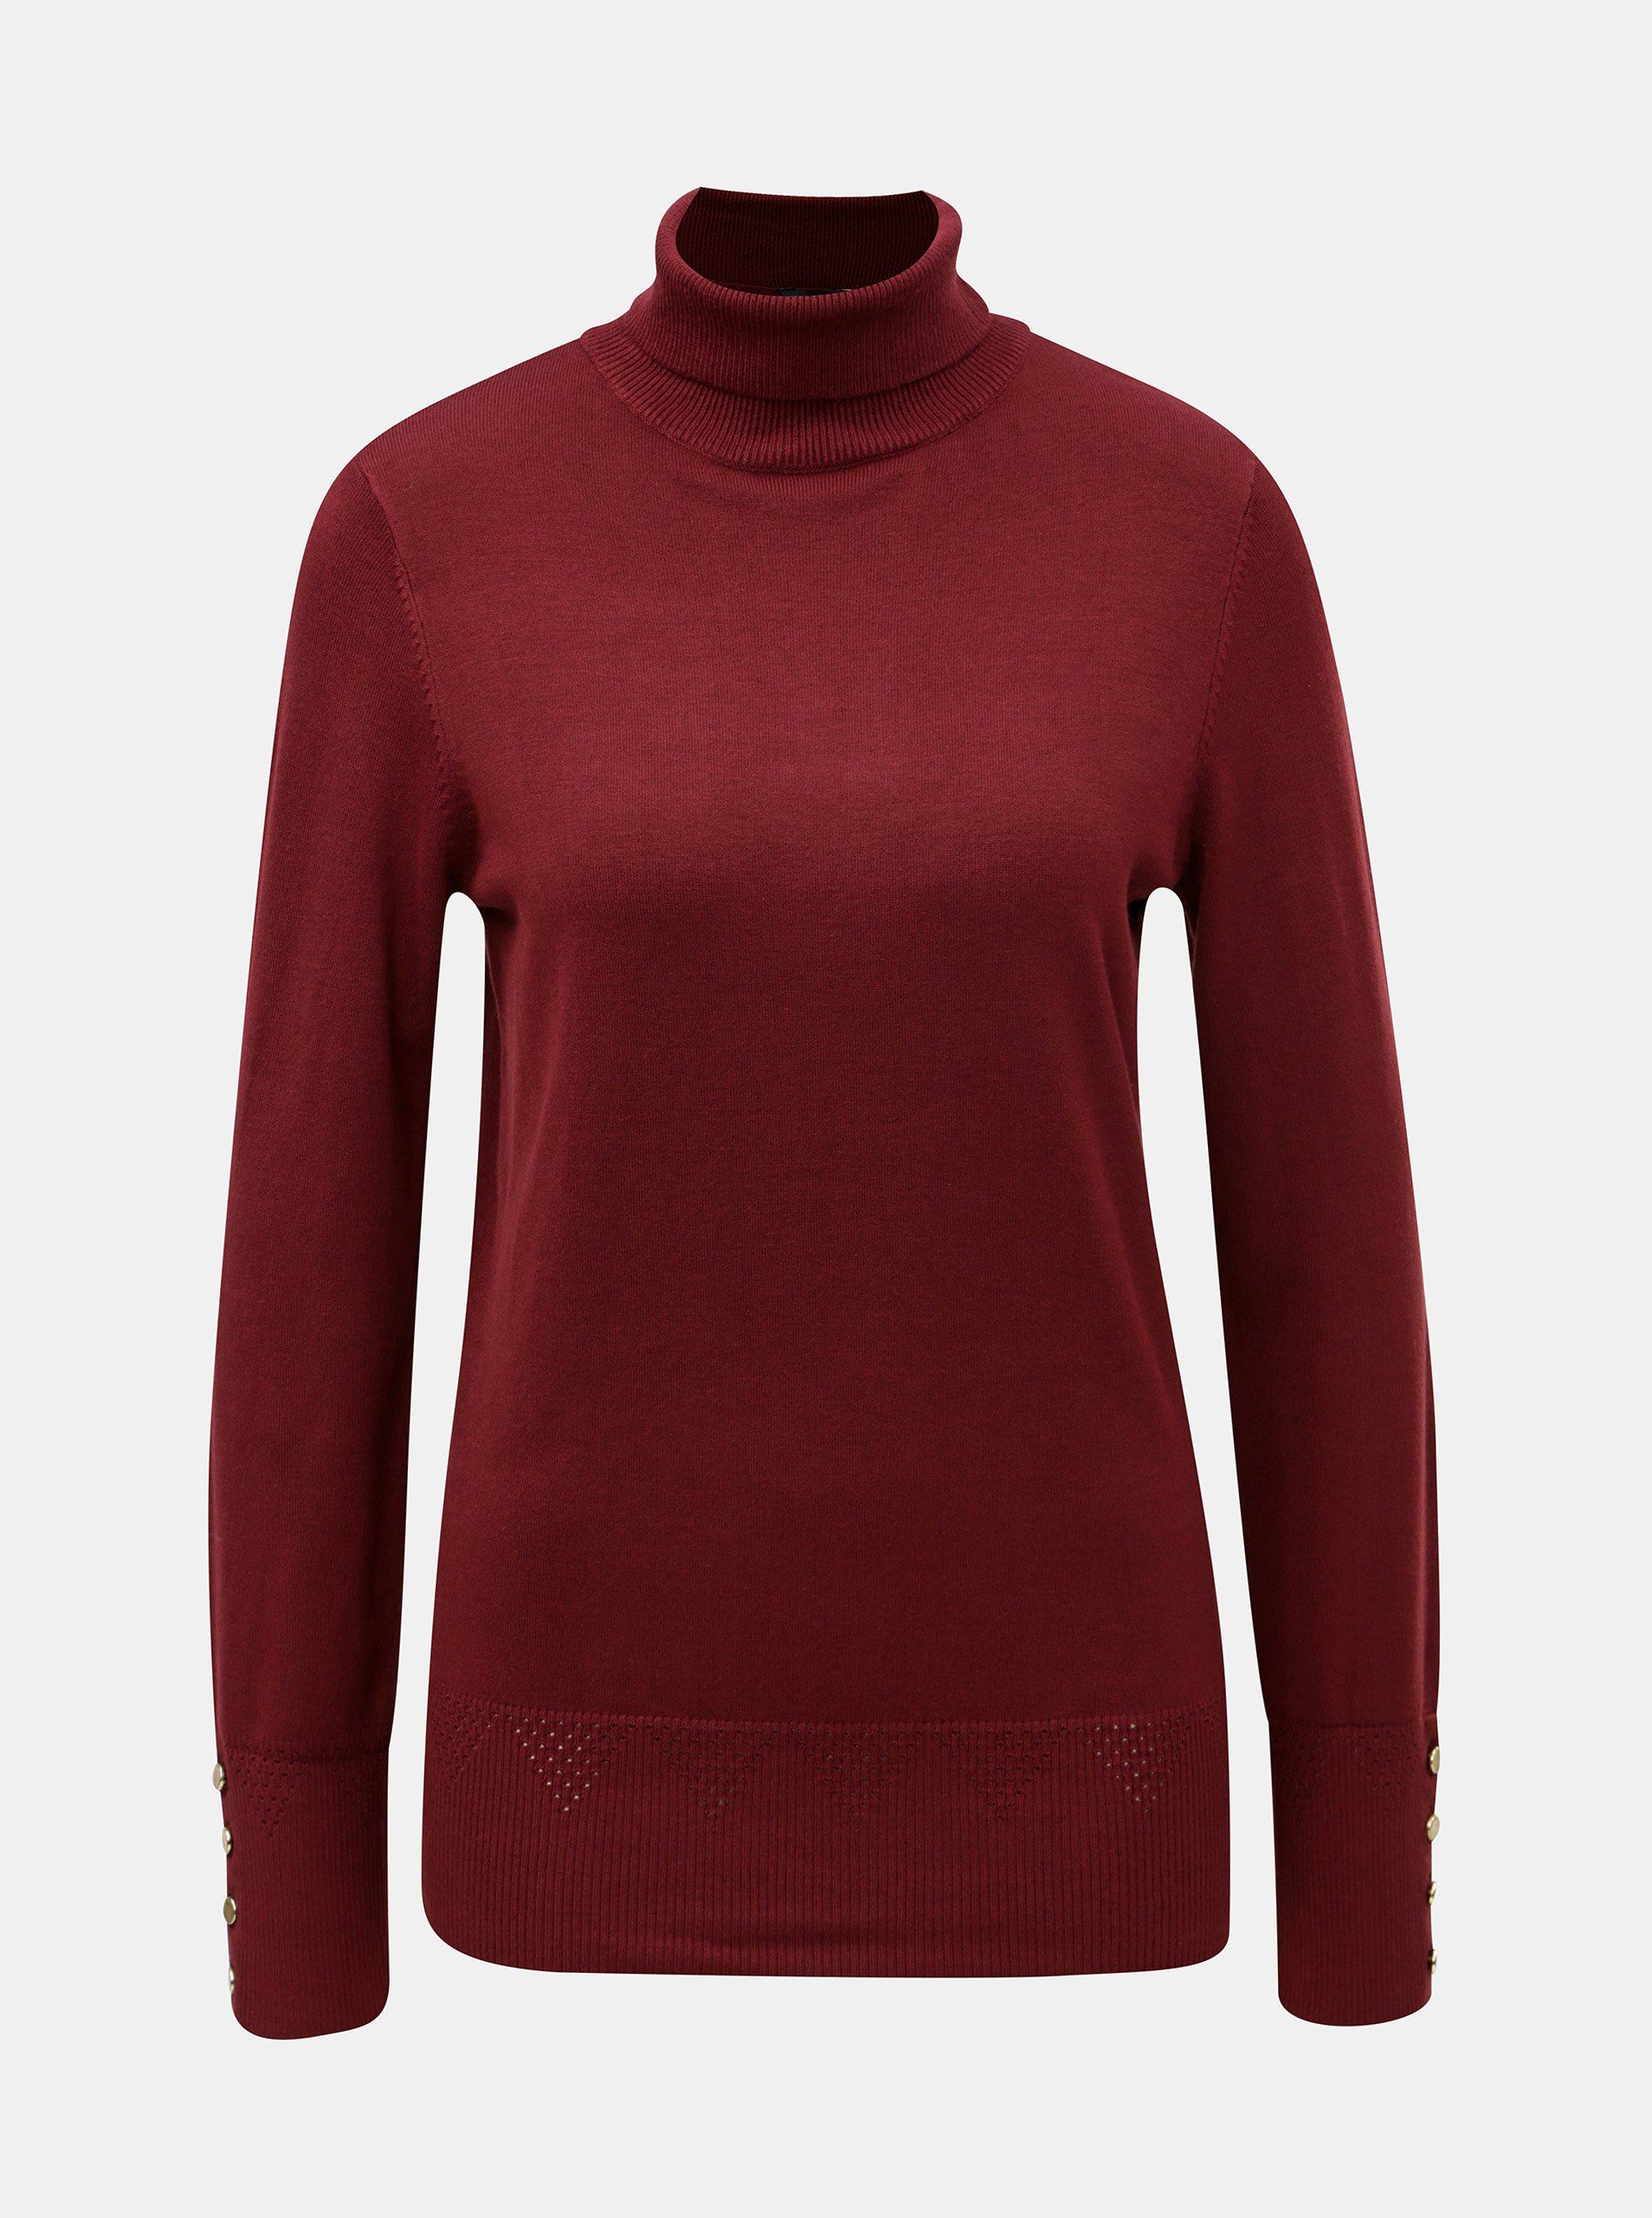 8187ffa3cdc8 Vínový sveter s rolákom a gombíkmi na rukávoch Dorothy Perkins ...